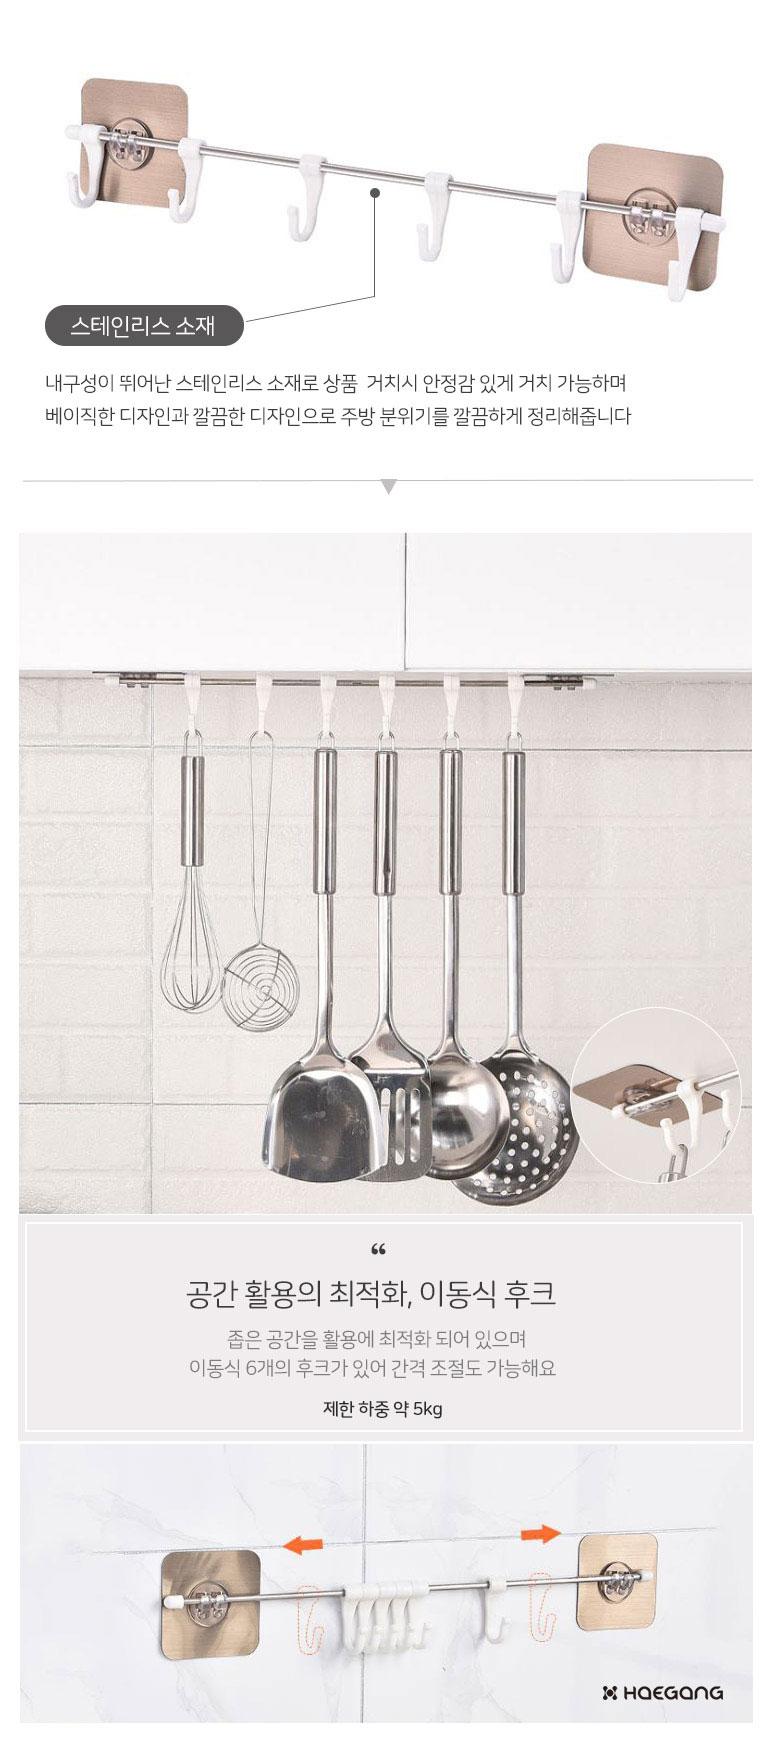 부착식 스테인리스 조리도구걸이 - 세일덕, 4,800원, 주방정리용품, 주방다용도걸이